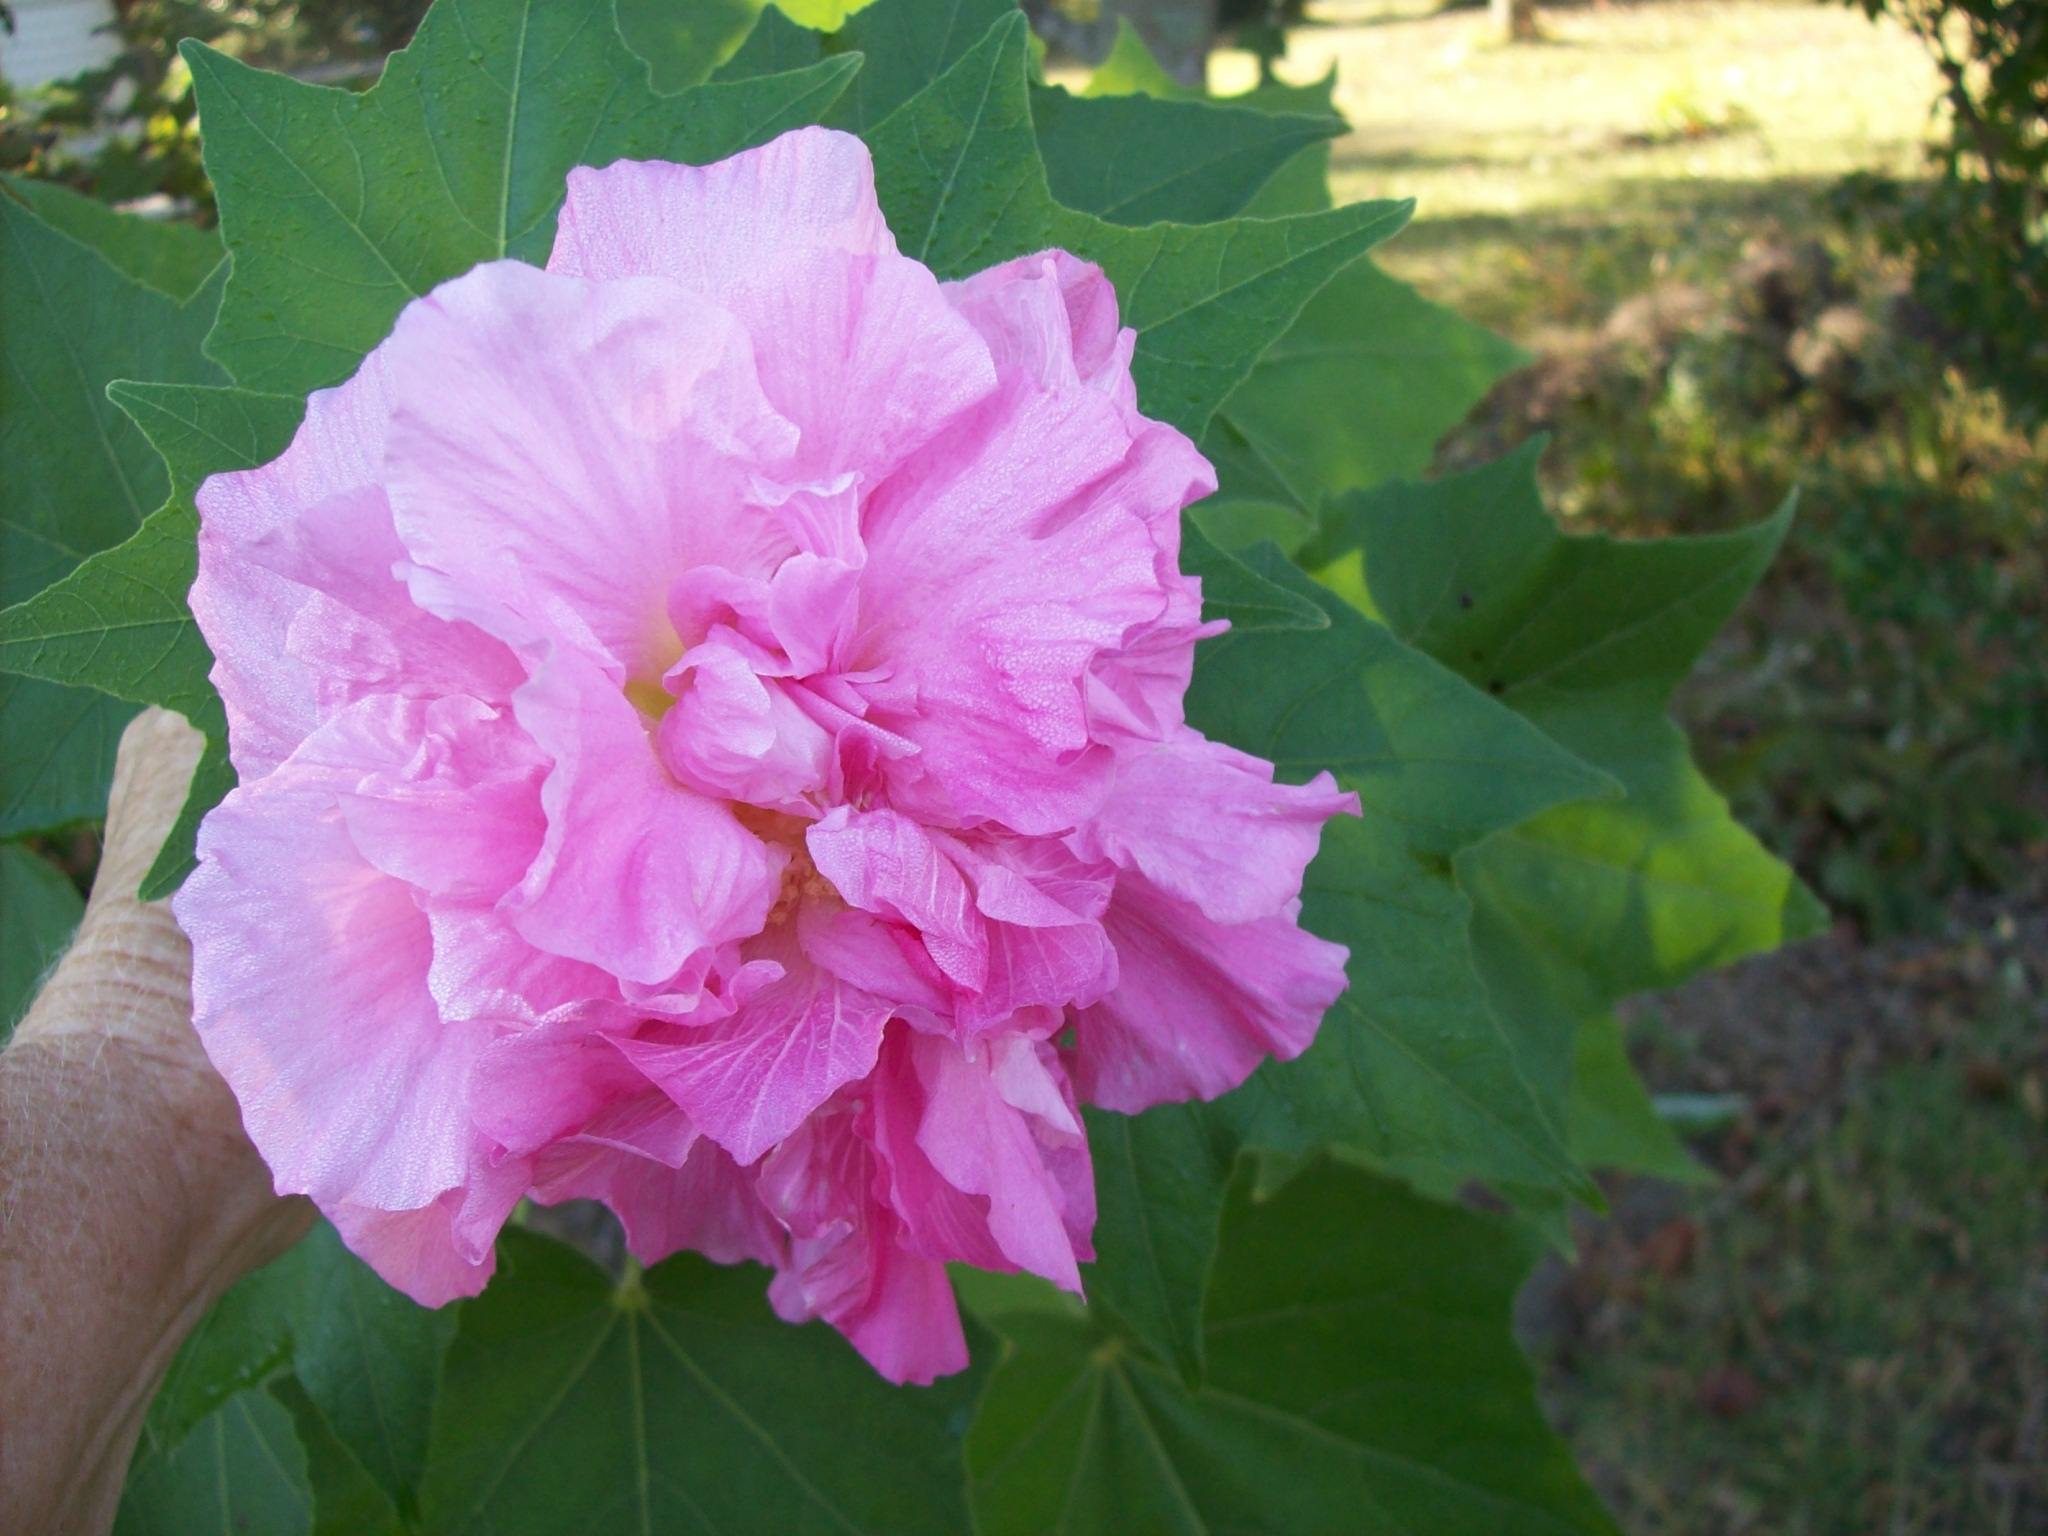 Hình ảnh đóa hoa Phù Dung đẹp (2)